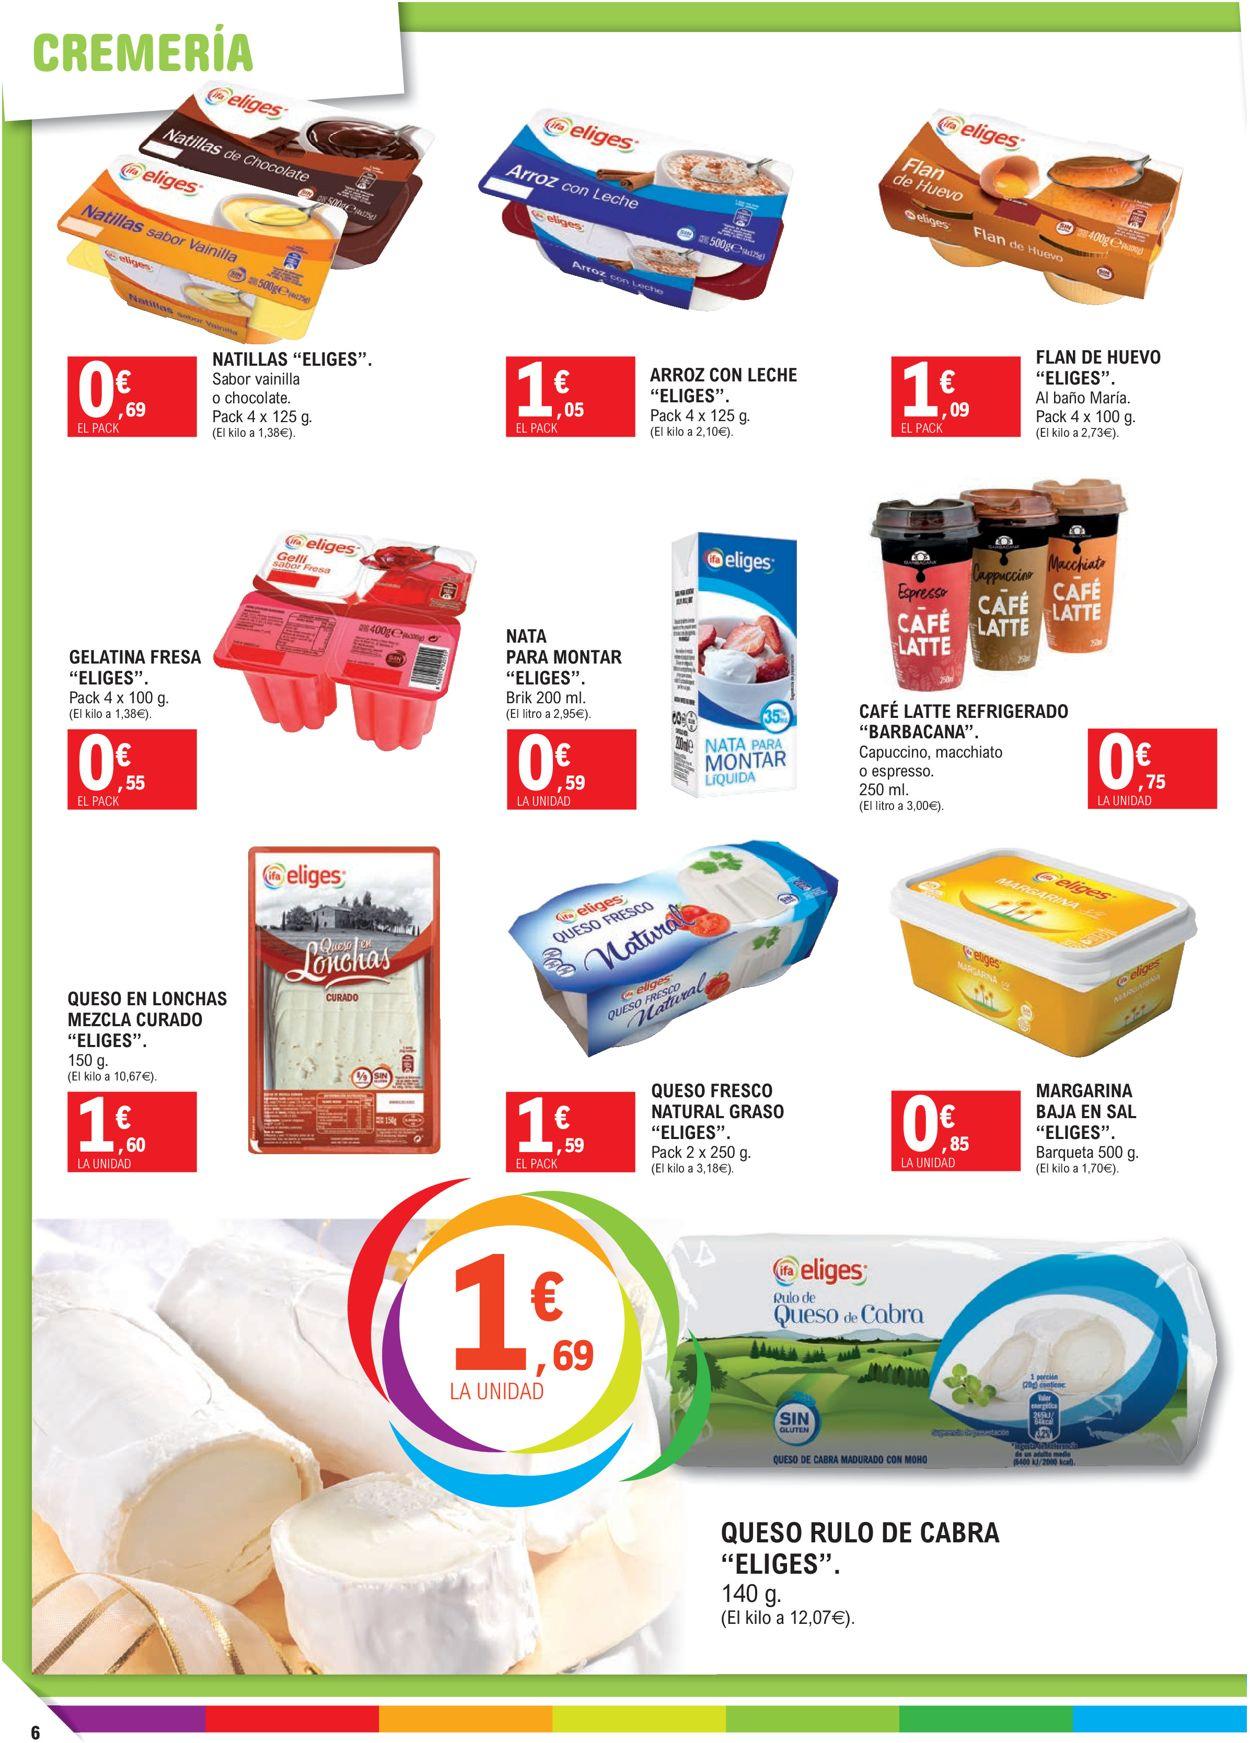 E.leclerc Calidad a precios bajos 2021 Folleto - 27.01-07.02.2021 (Página 6)